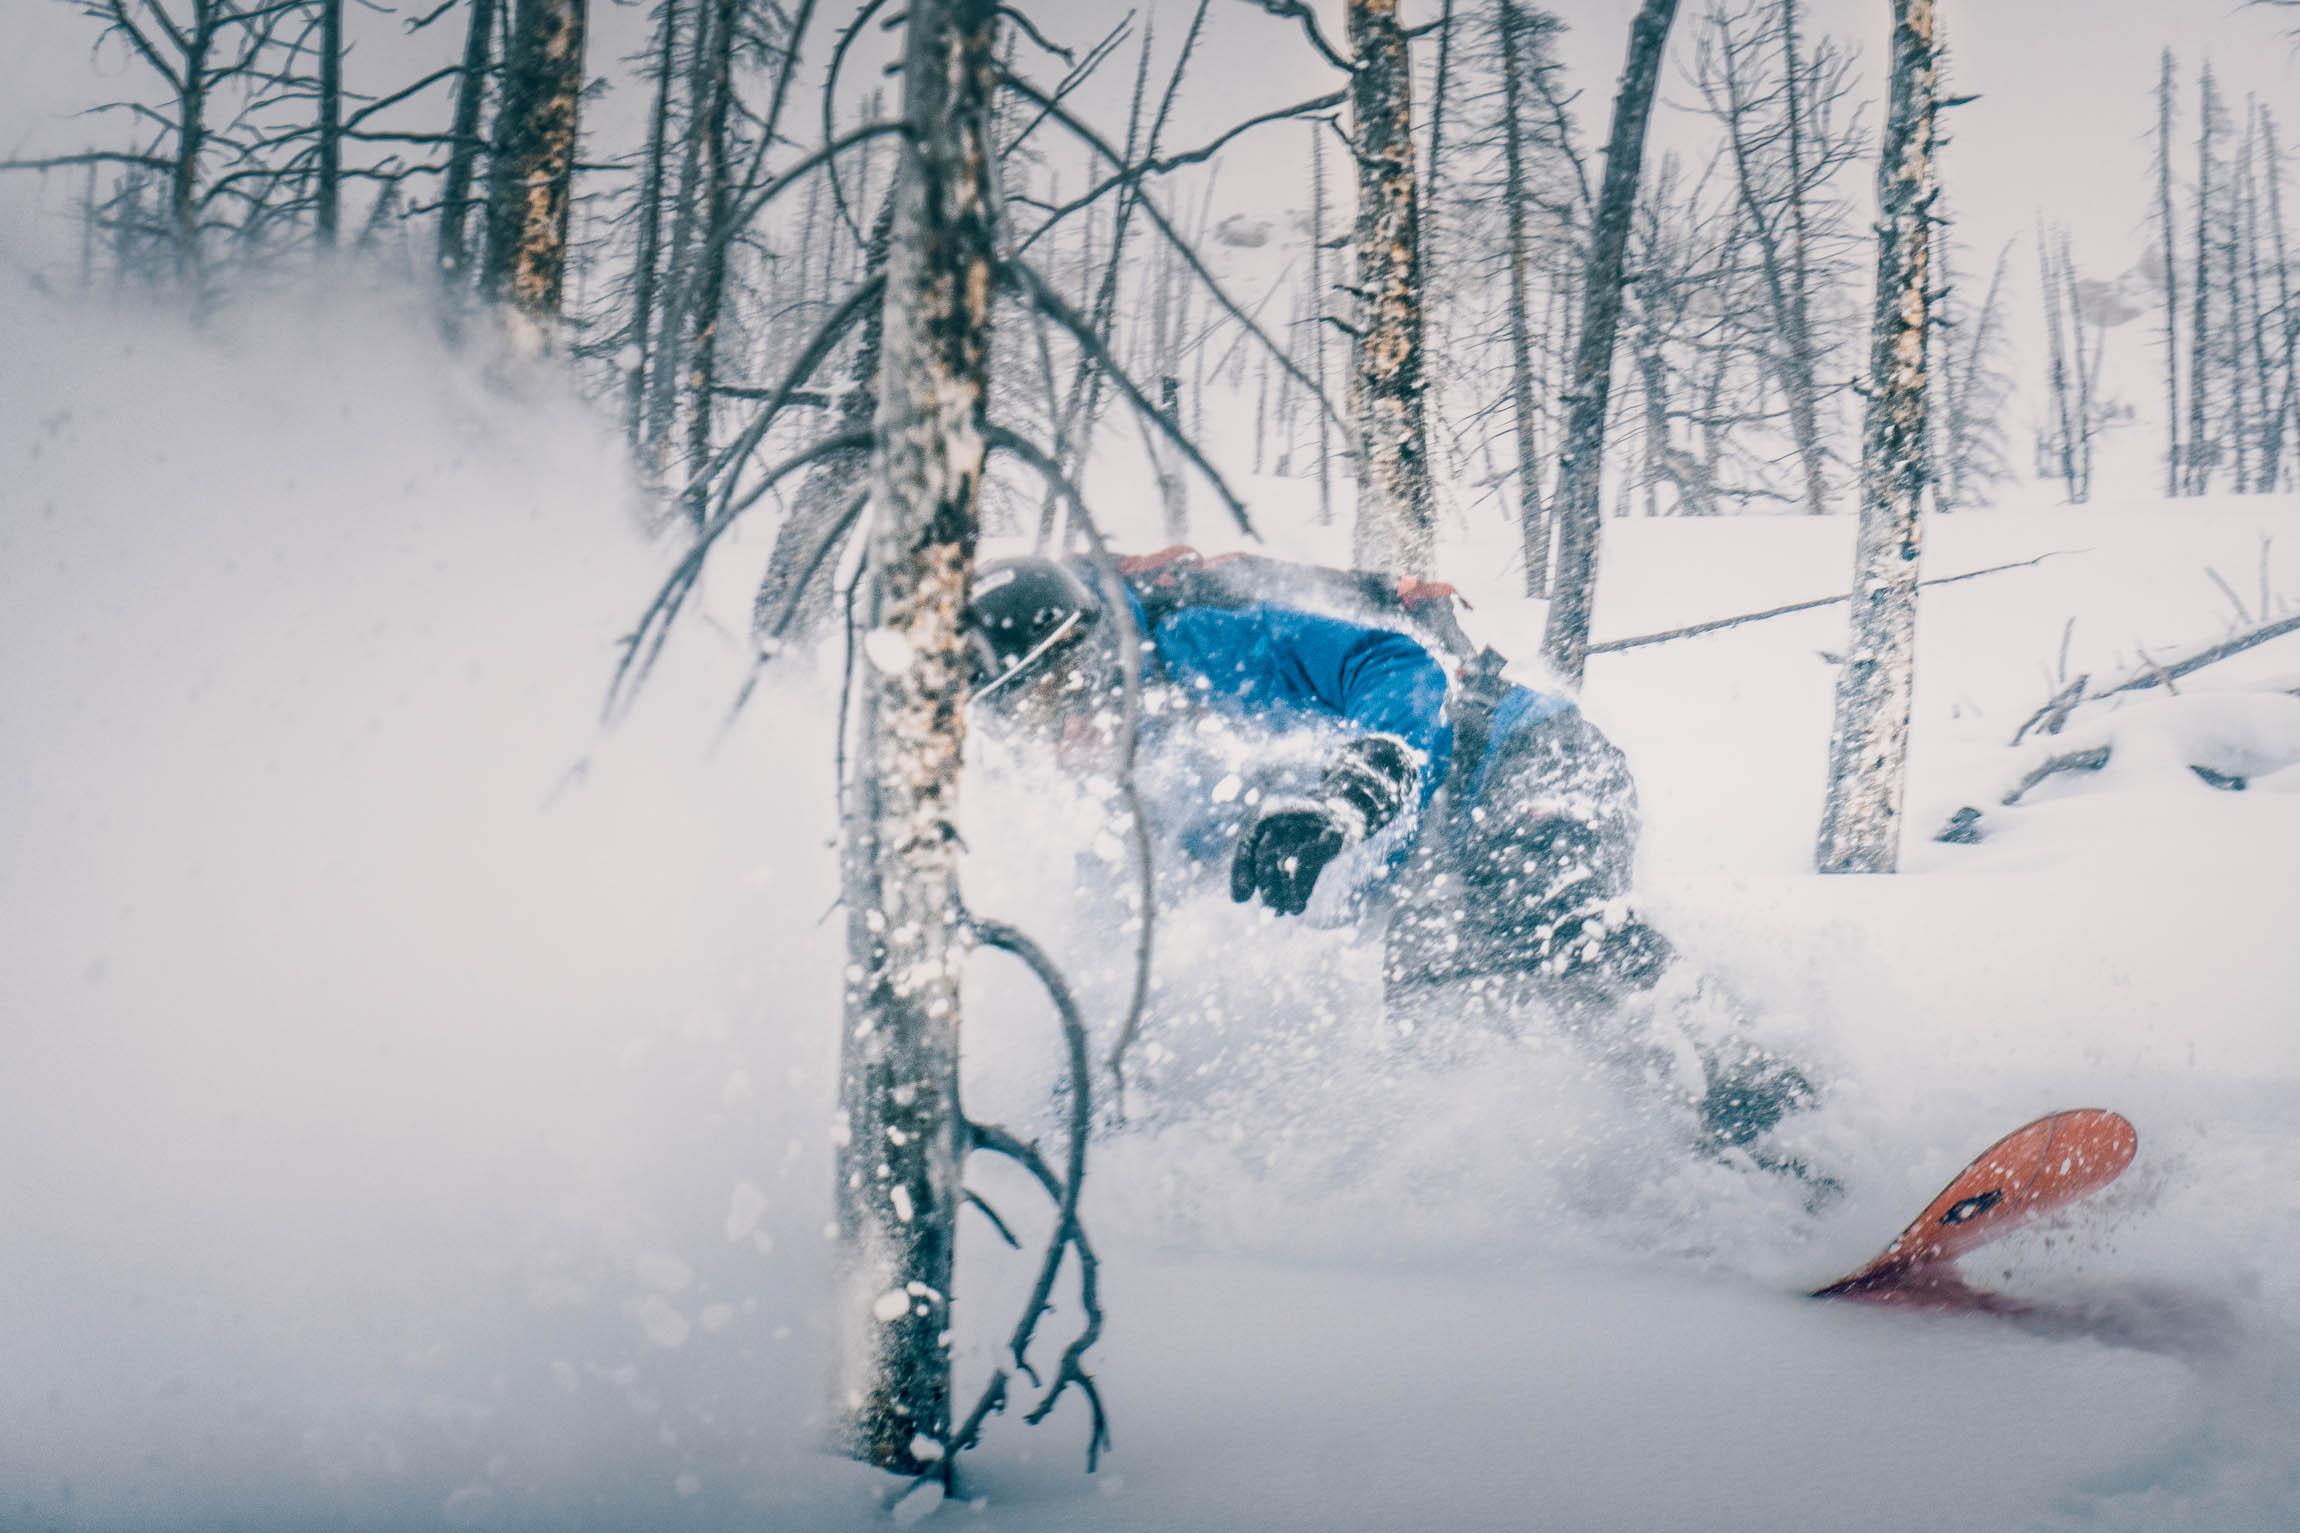 Helen Shoulder Ski Touring